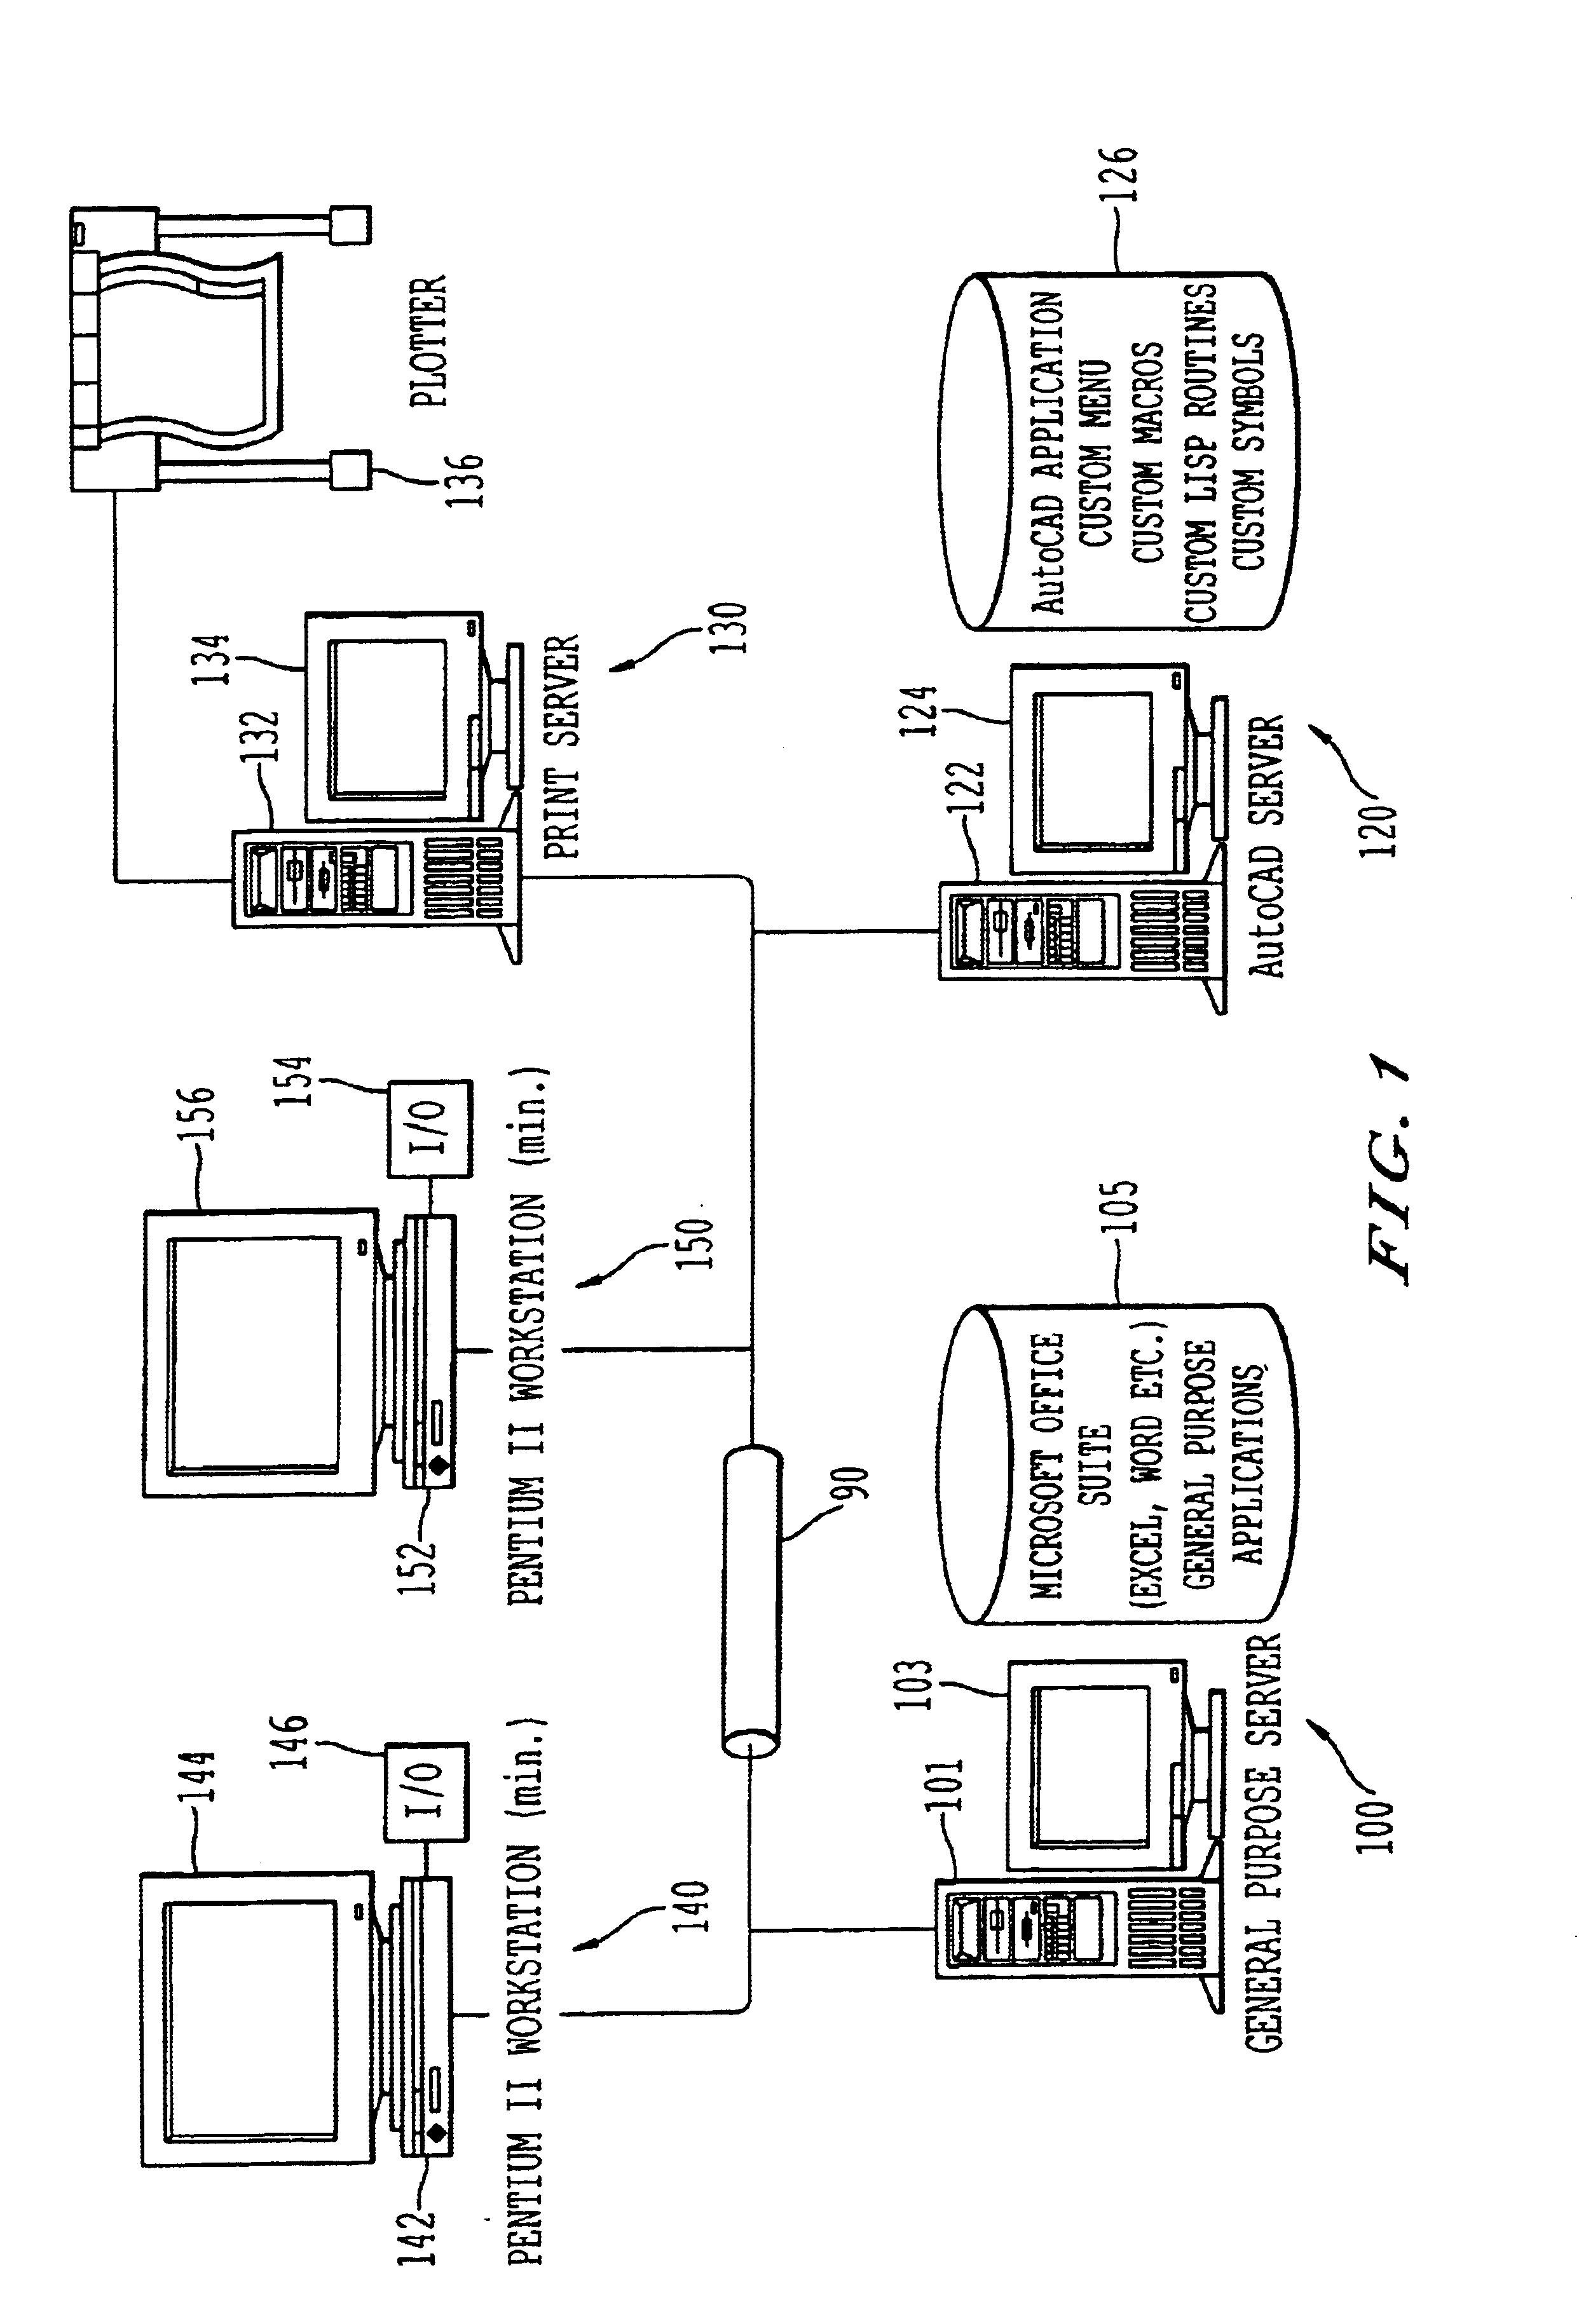 patent us6895373